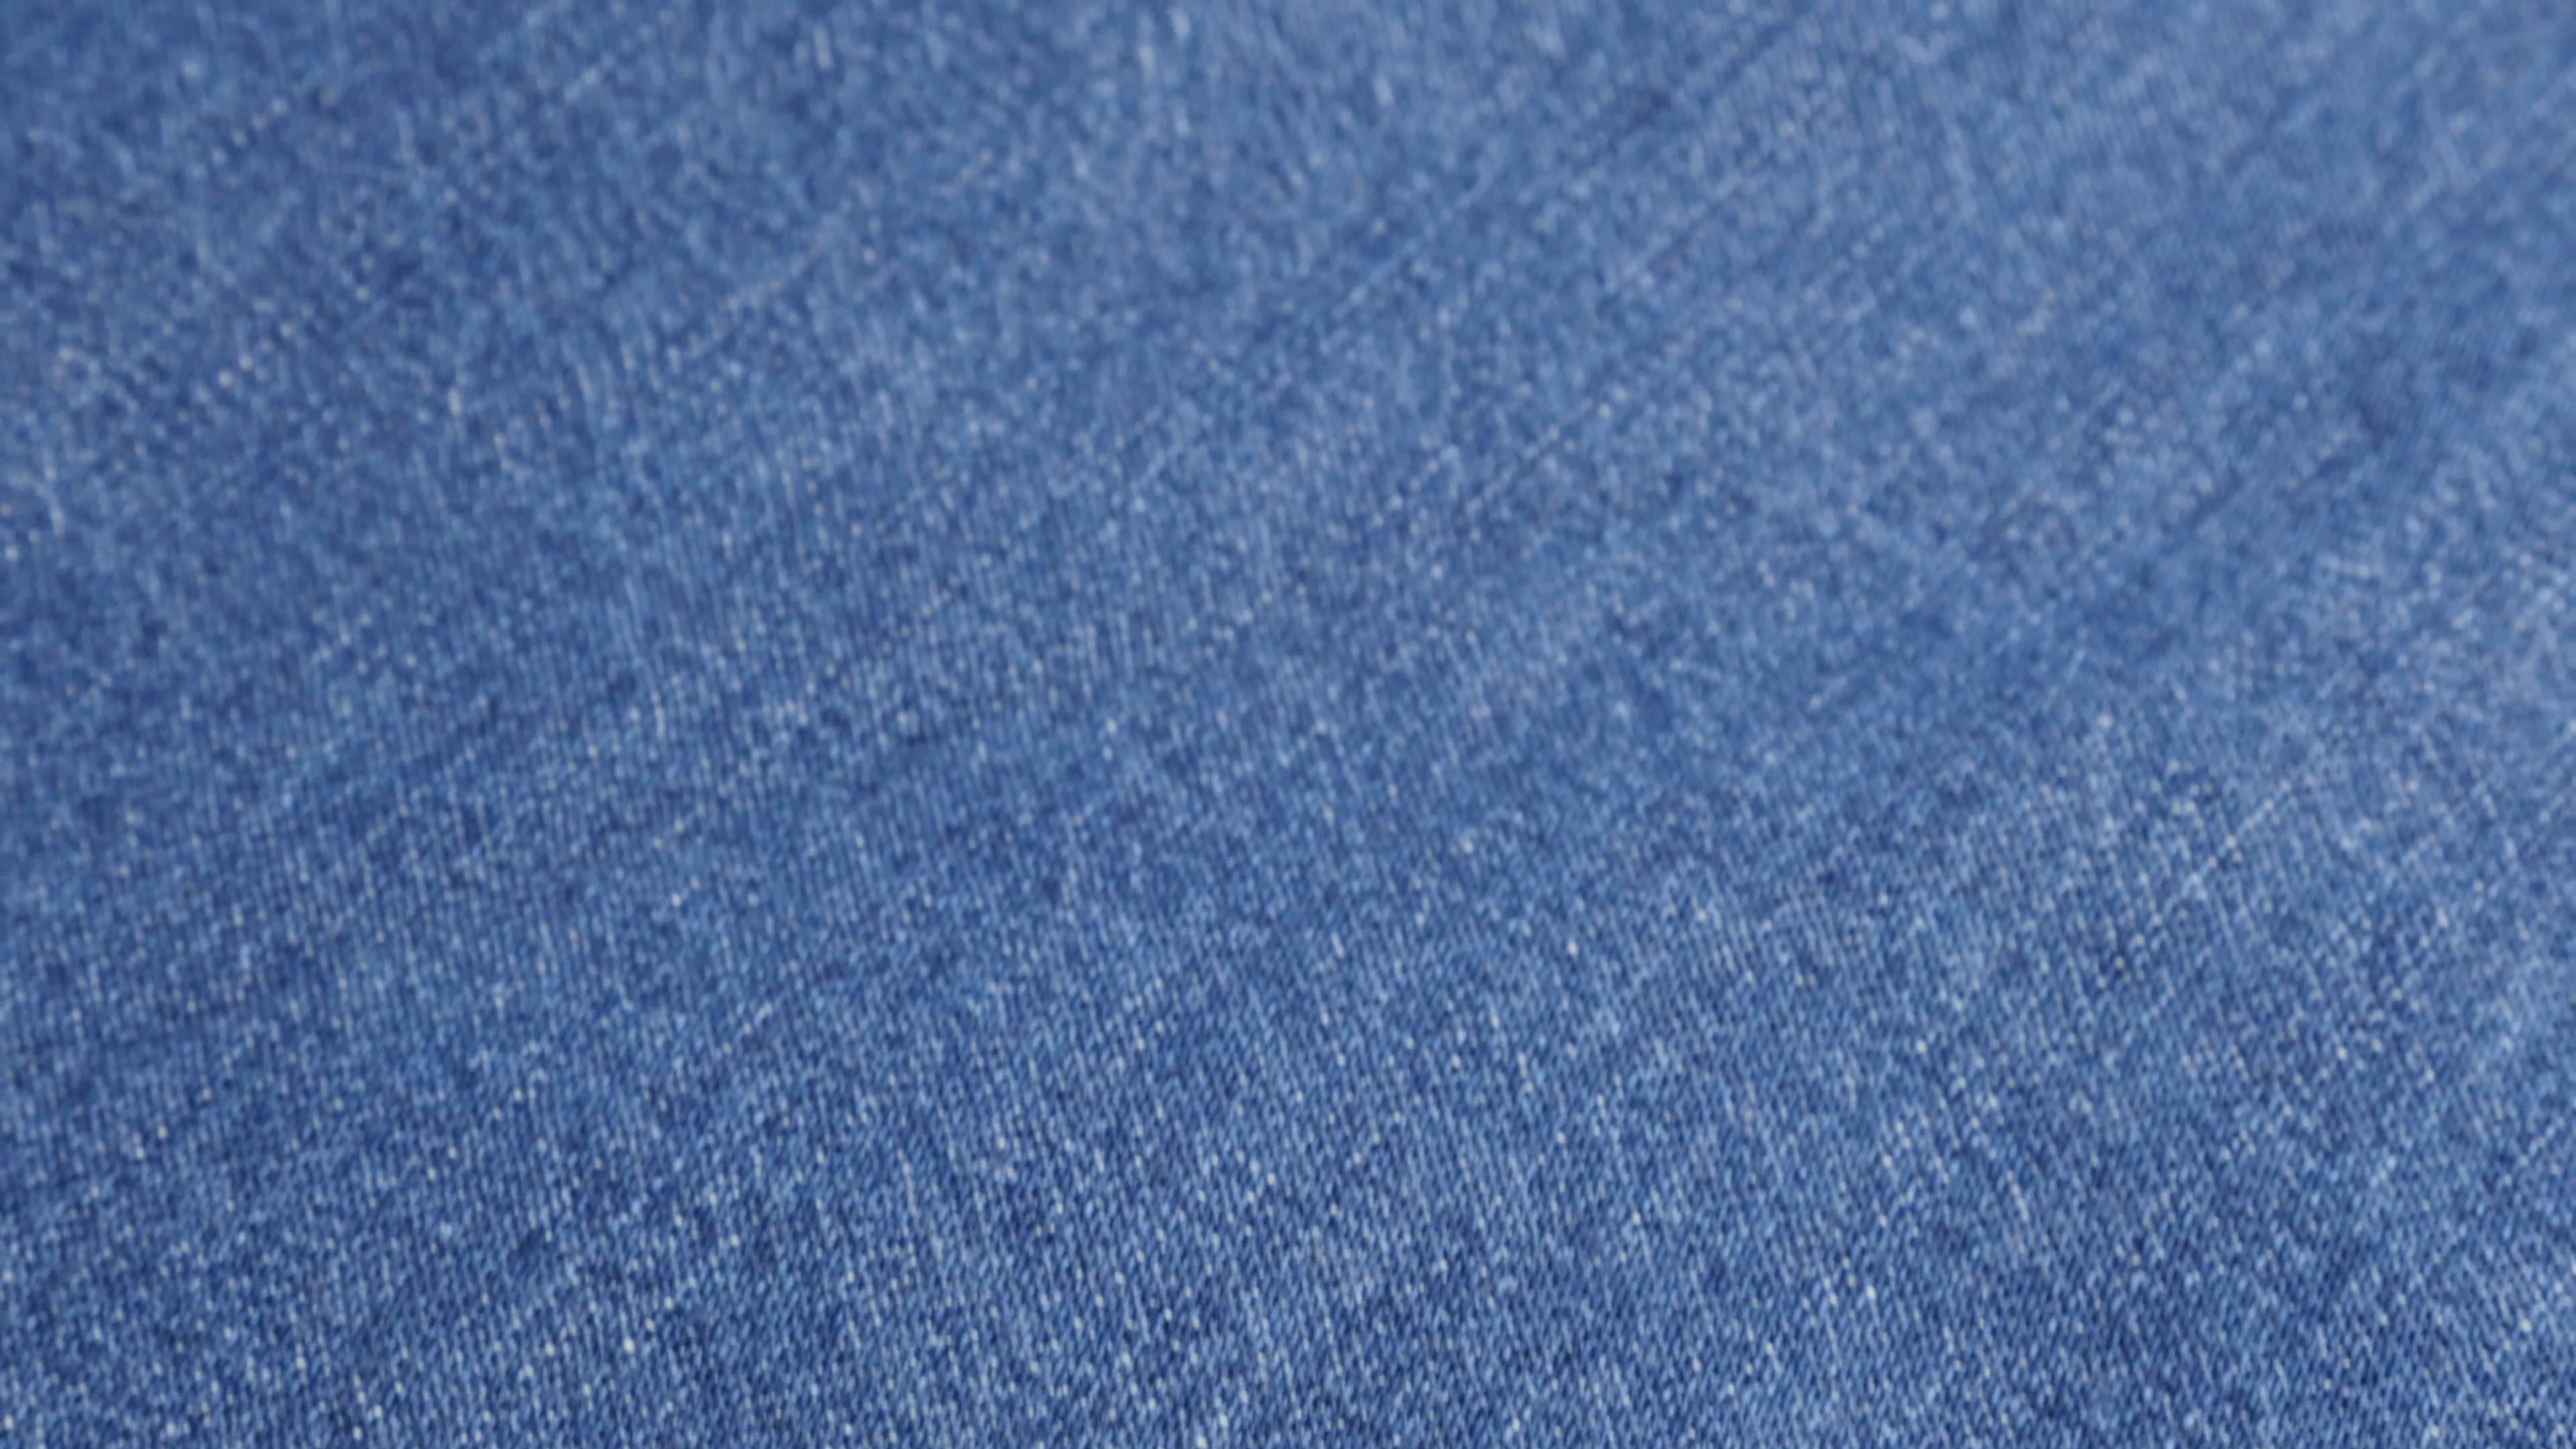 Dark blue high quality denim fabric details and texture close.